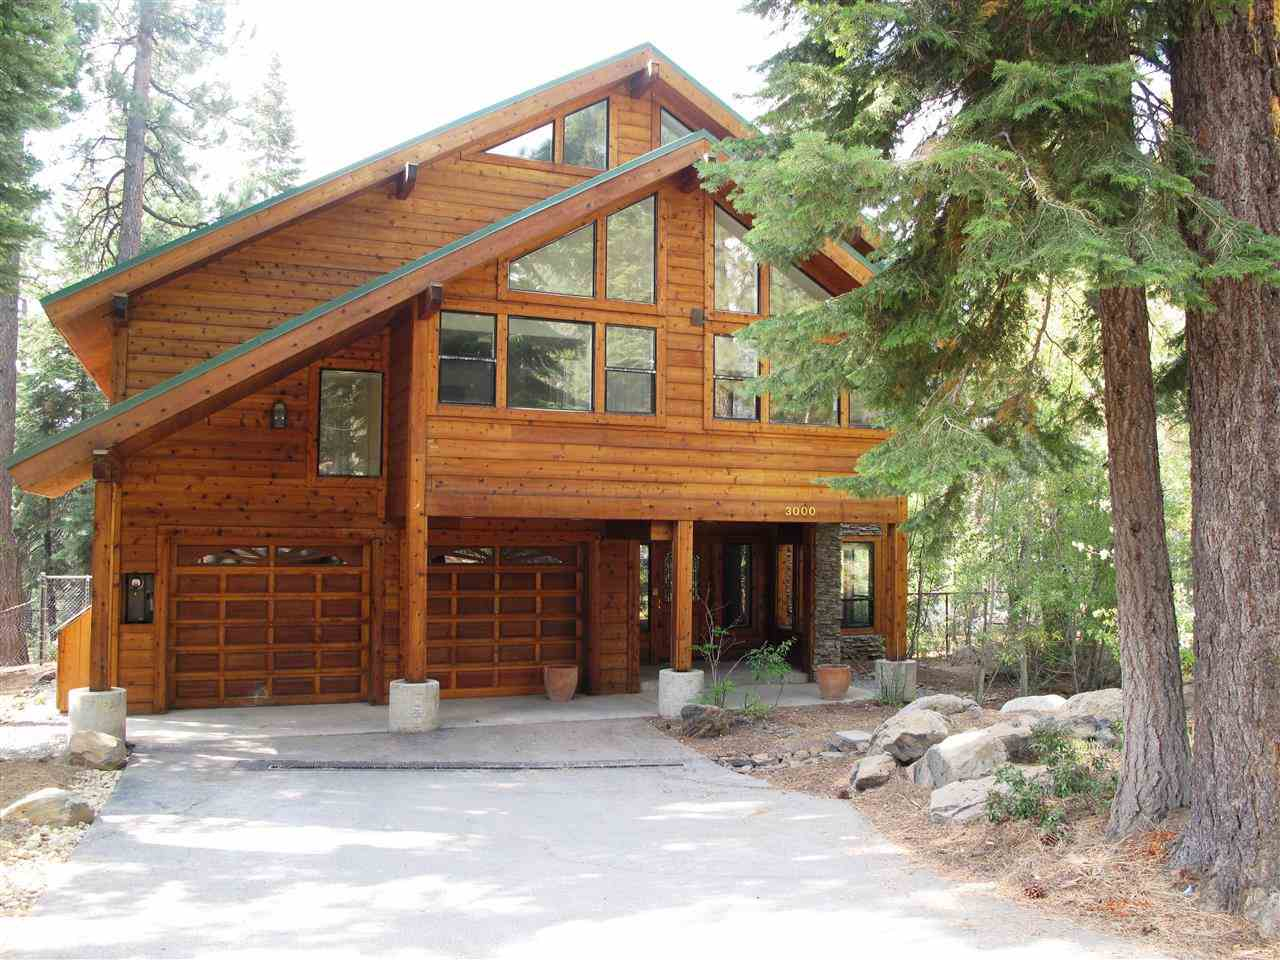 Casa Unifamiliar por un Venta en 3000 Polaris Road 3000 Polaris Road Tahoe City, California 96145 Estados Unidos